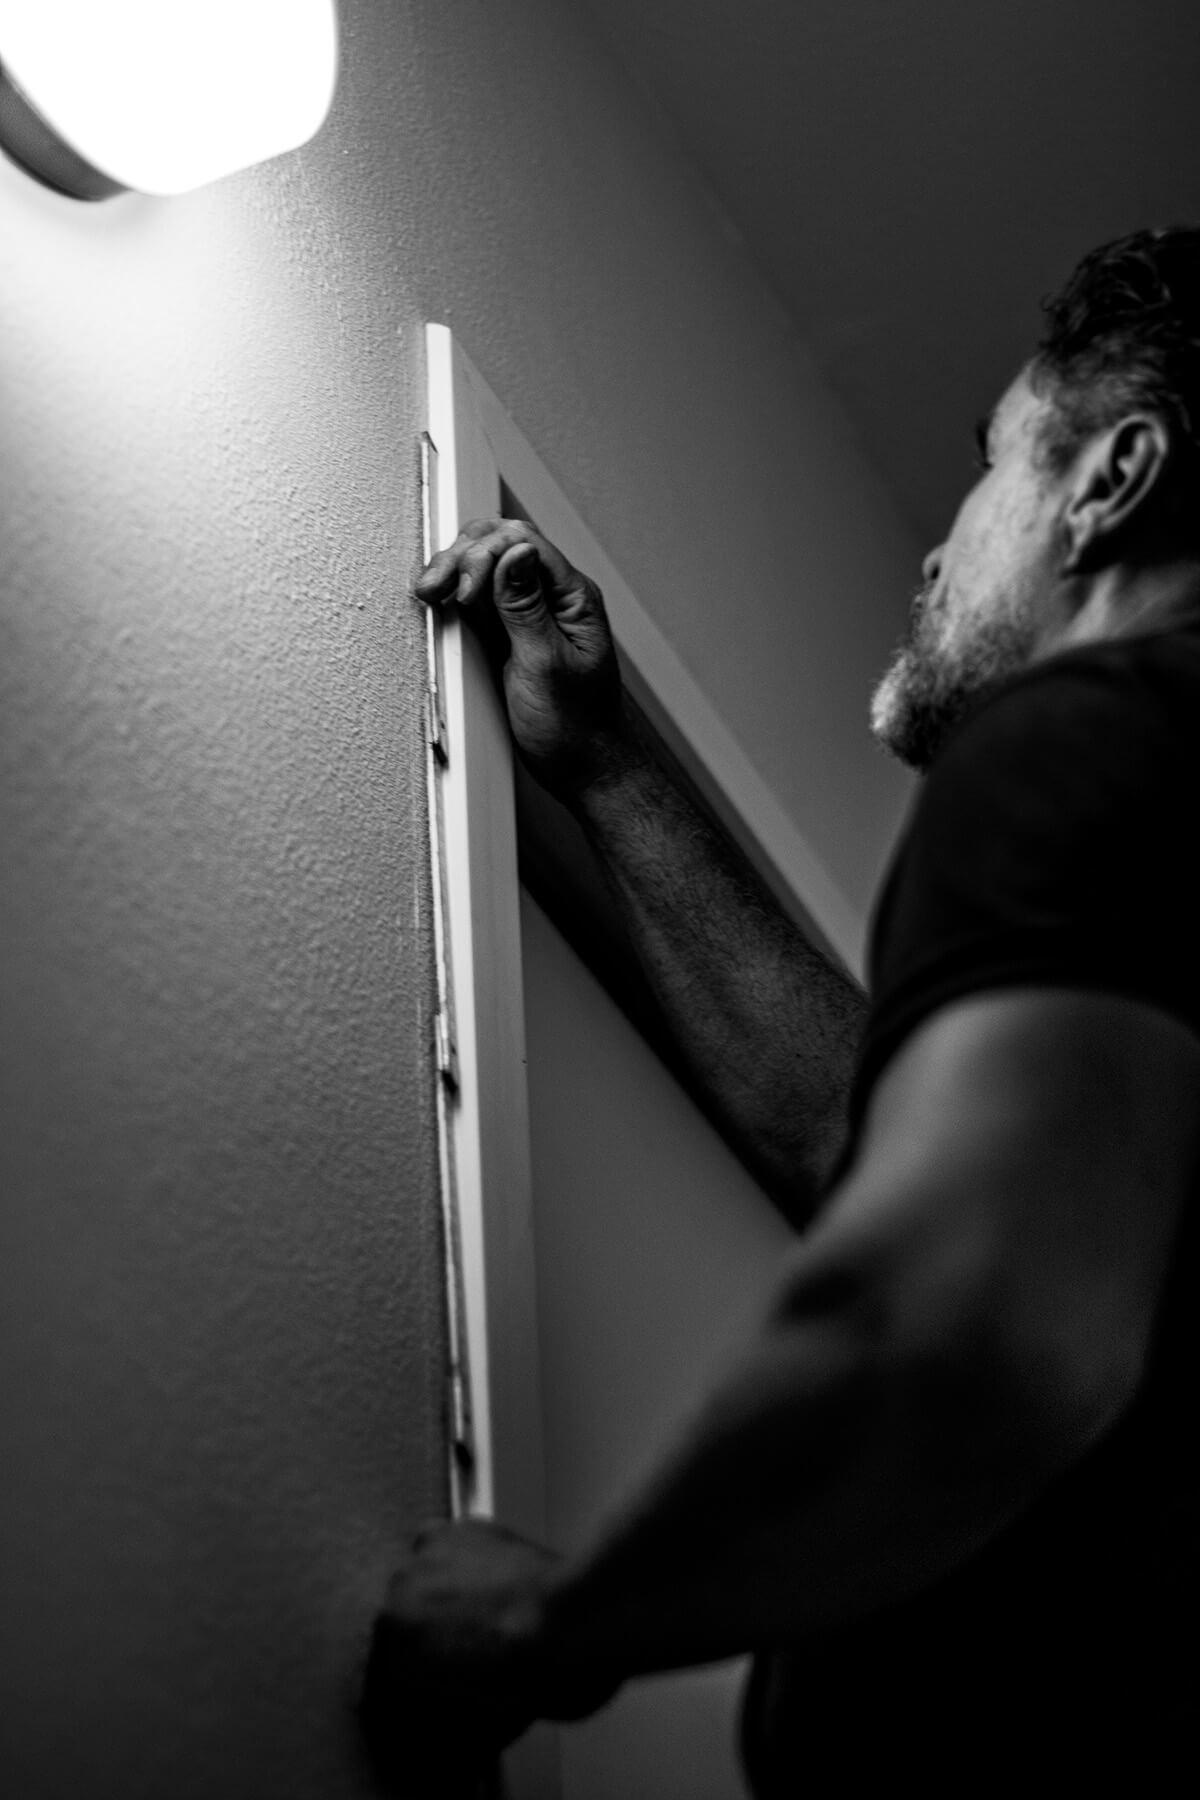 Airco installateur meet deurlijst in zwart wit.